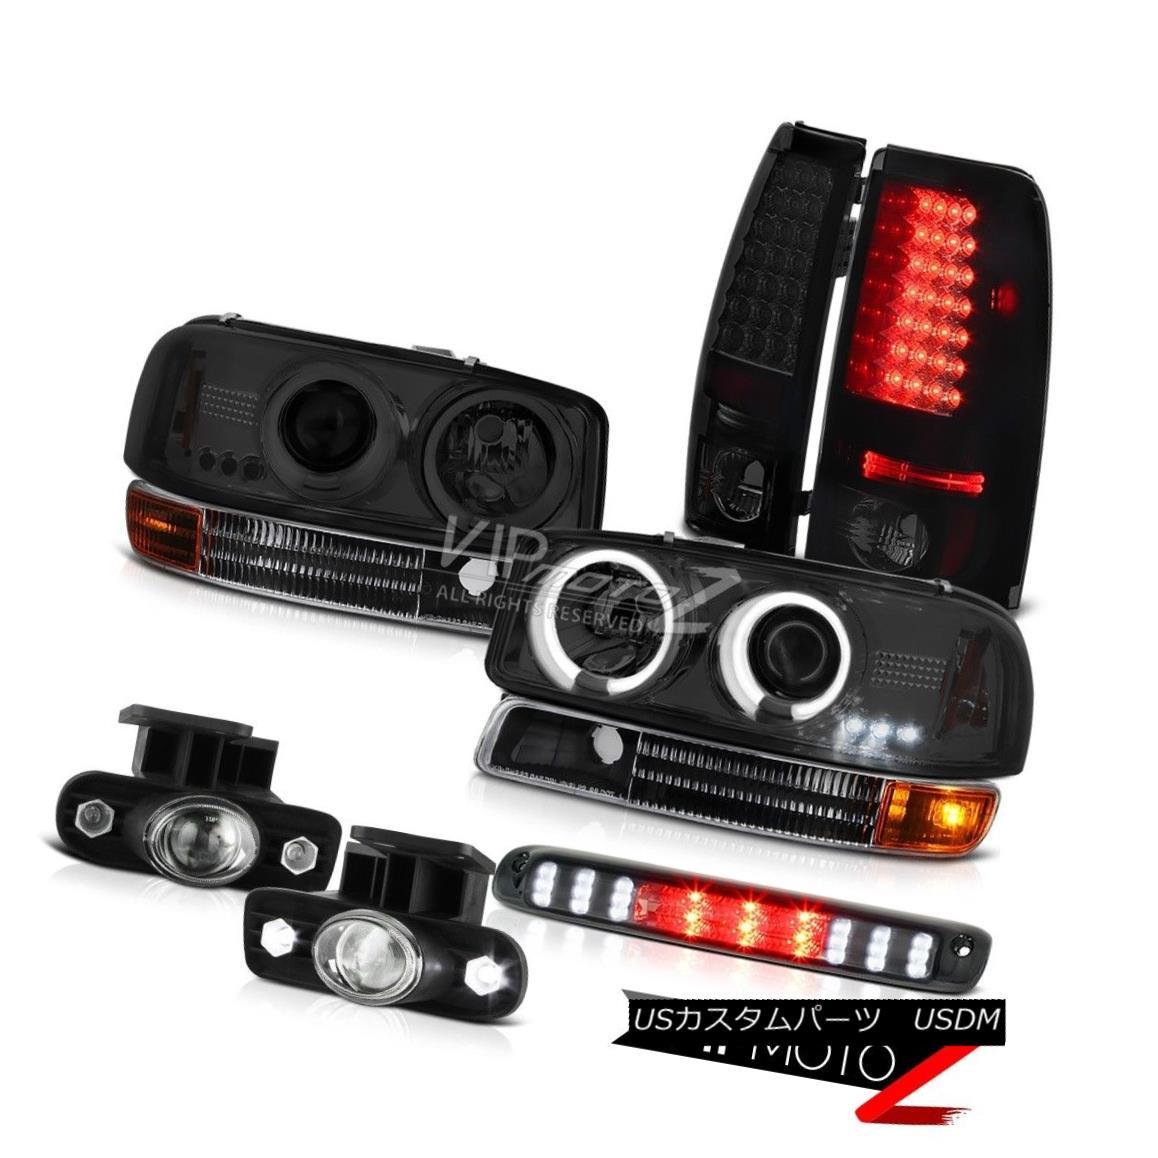 ヘッドライト 1999-2002 Sierra V6 Daytime Running CCFL Headlight LED Tail Lights Projector Fog 1999-2002シエラV6デイタイムランニングCCFLヘッドライトLEDテールライトプロジェクターフォグ